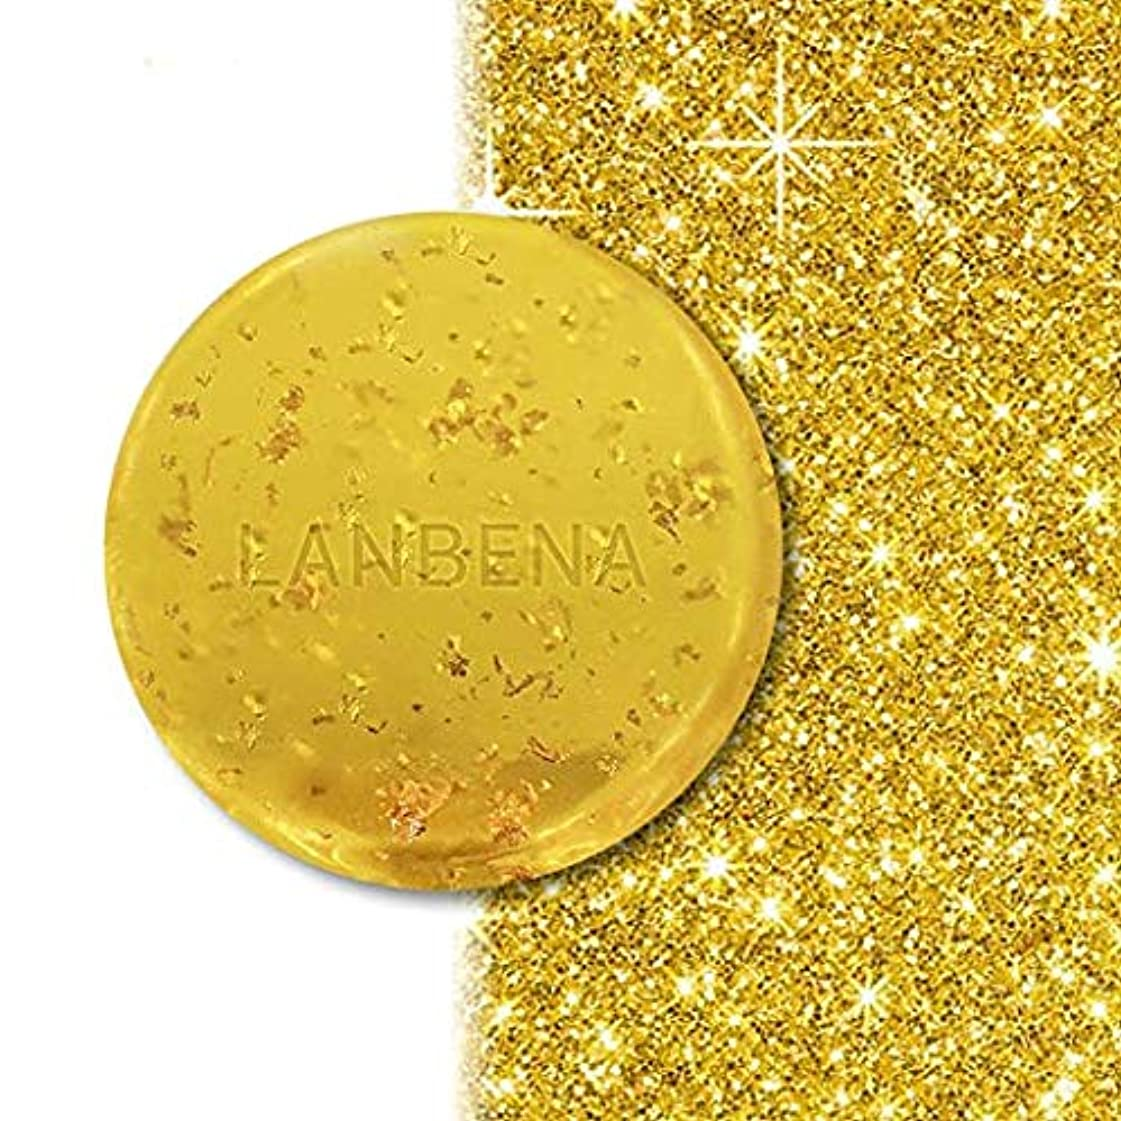 見込み関係ないバス24Kゴールドハンドメイドハーブソープ海藻ディープクレンジングモイスチャライジング肌の美白、しわの発生を最小限に抑える、肌の色合いを引き締める、健康なシャンプー、ファインラインフェイスケア24K Gold Handmade...